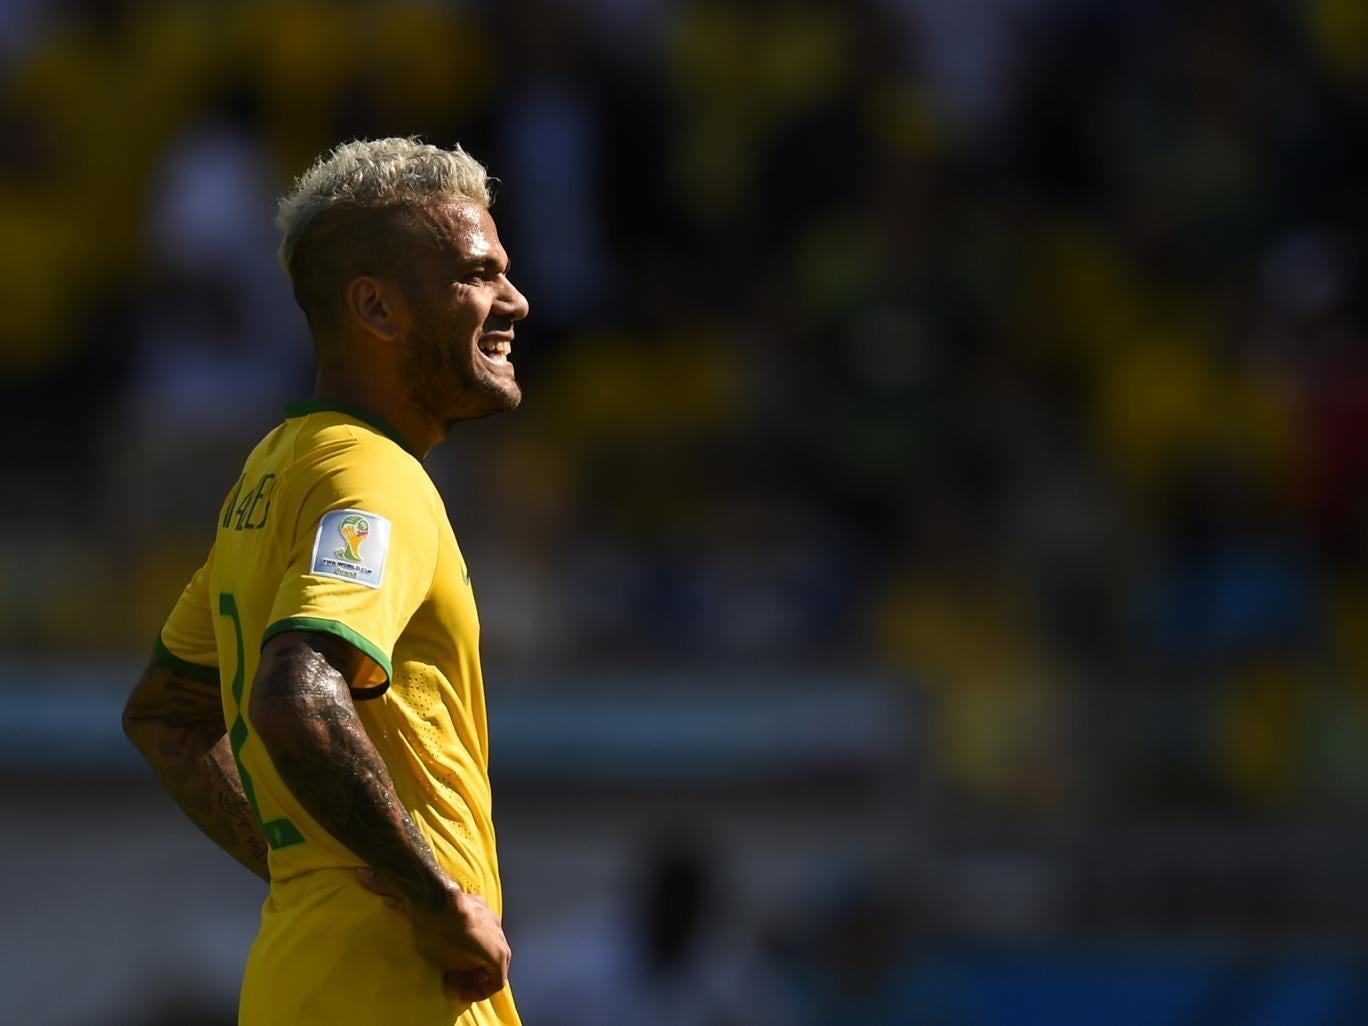 Dani Alves in action for Brazil